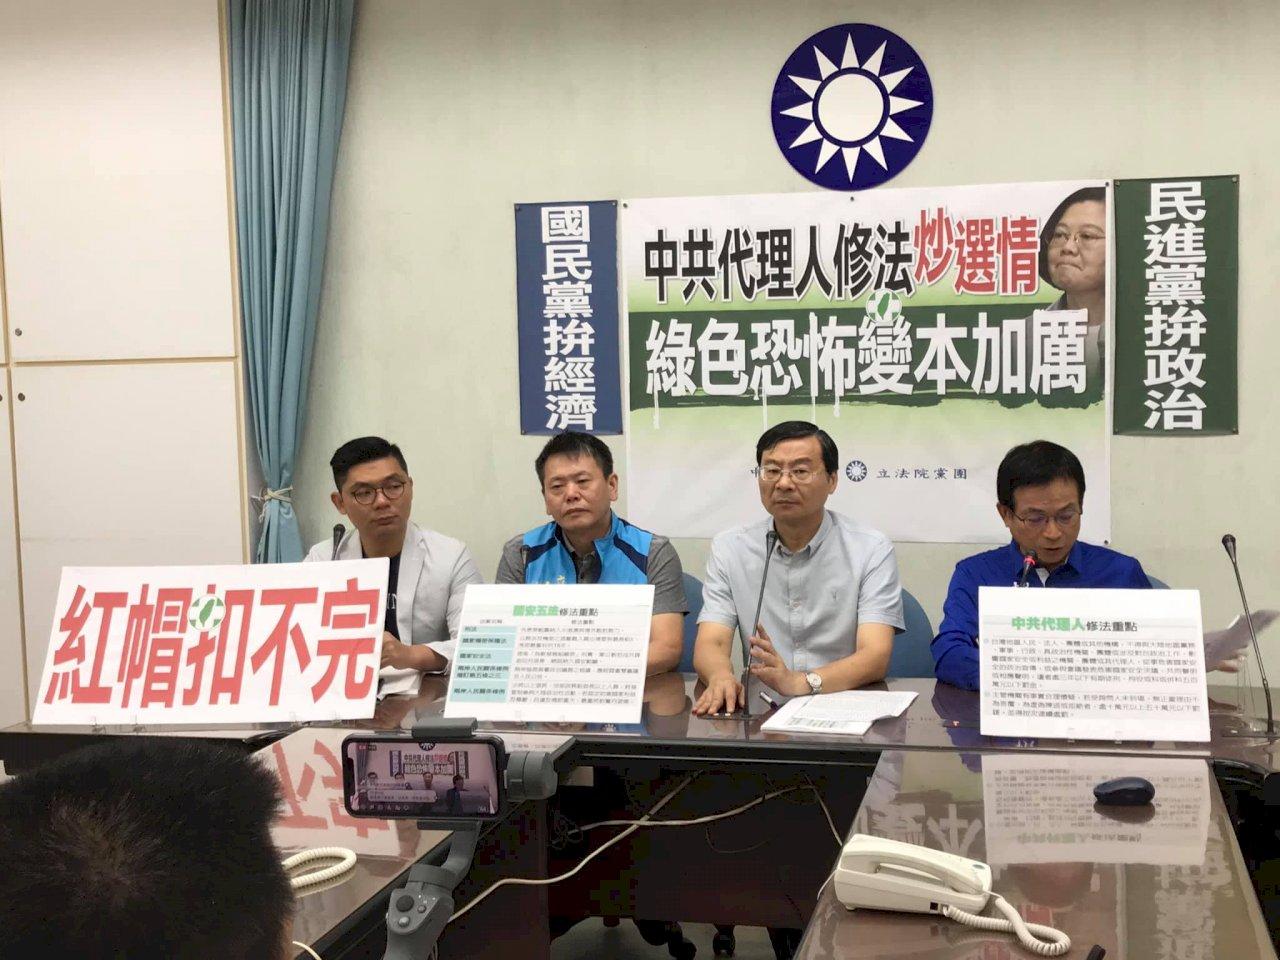 藍委質疑中共代理人修法為選舉 綠委:順應民意